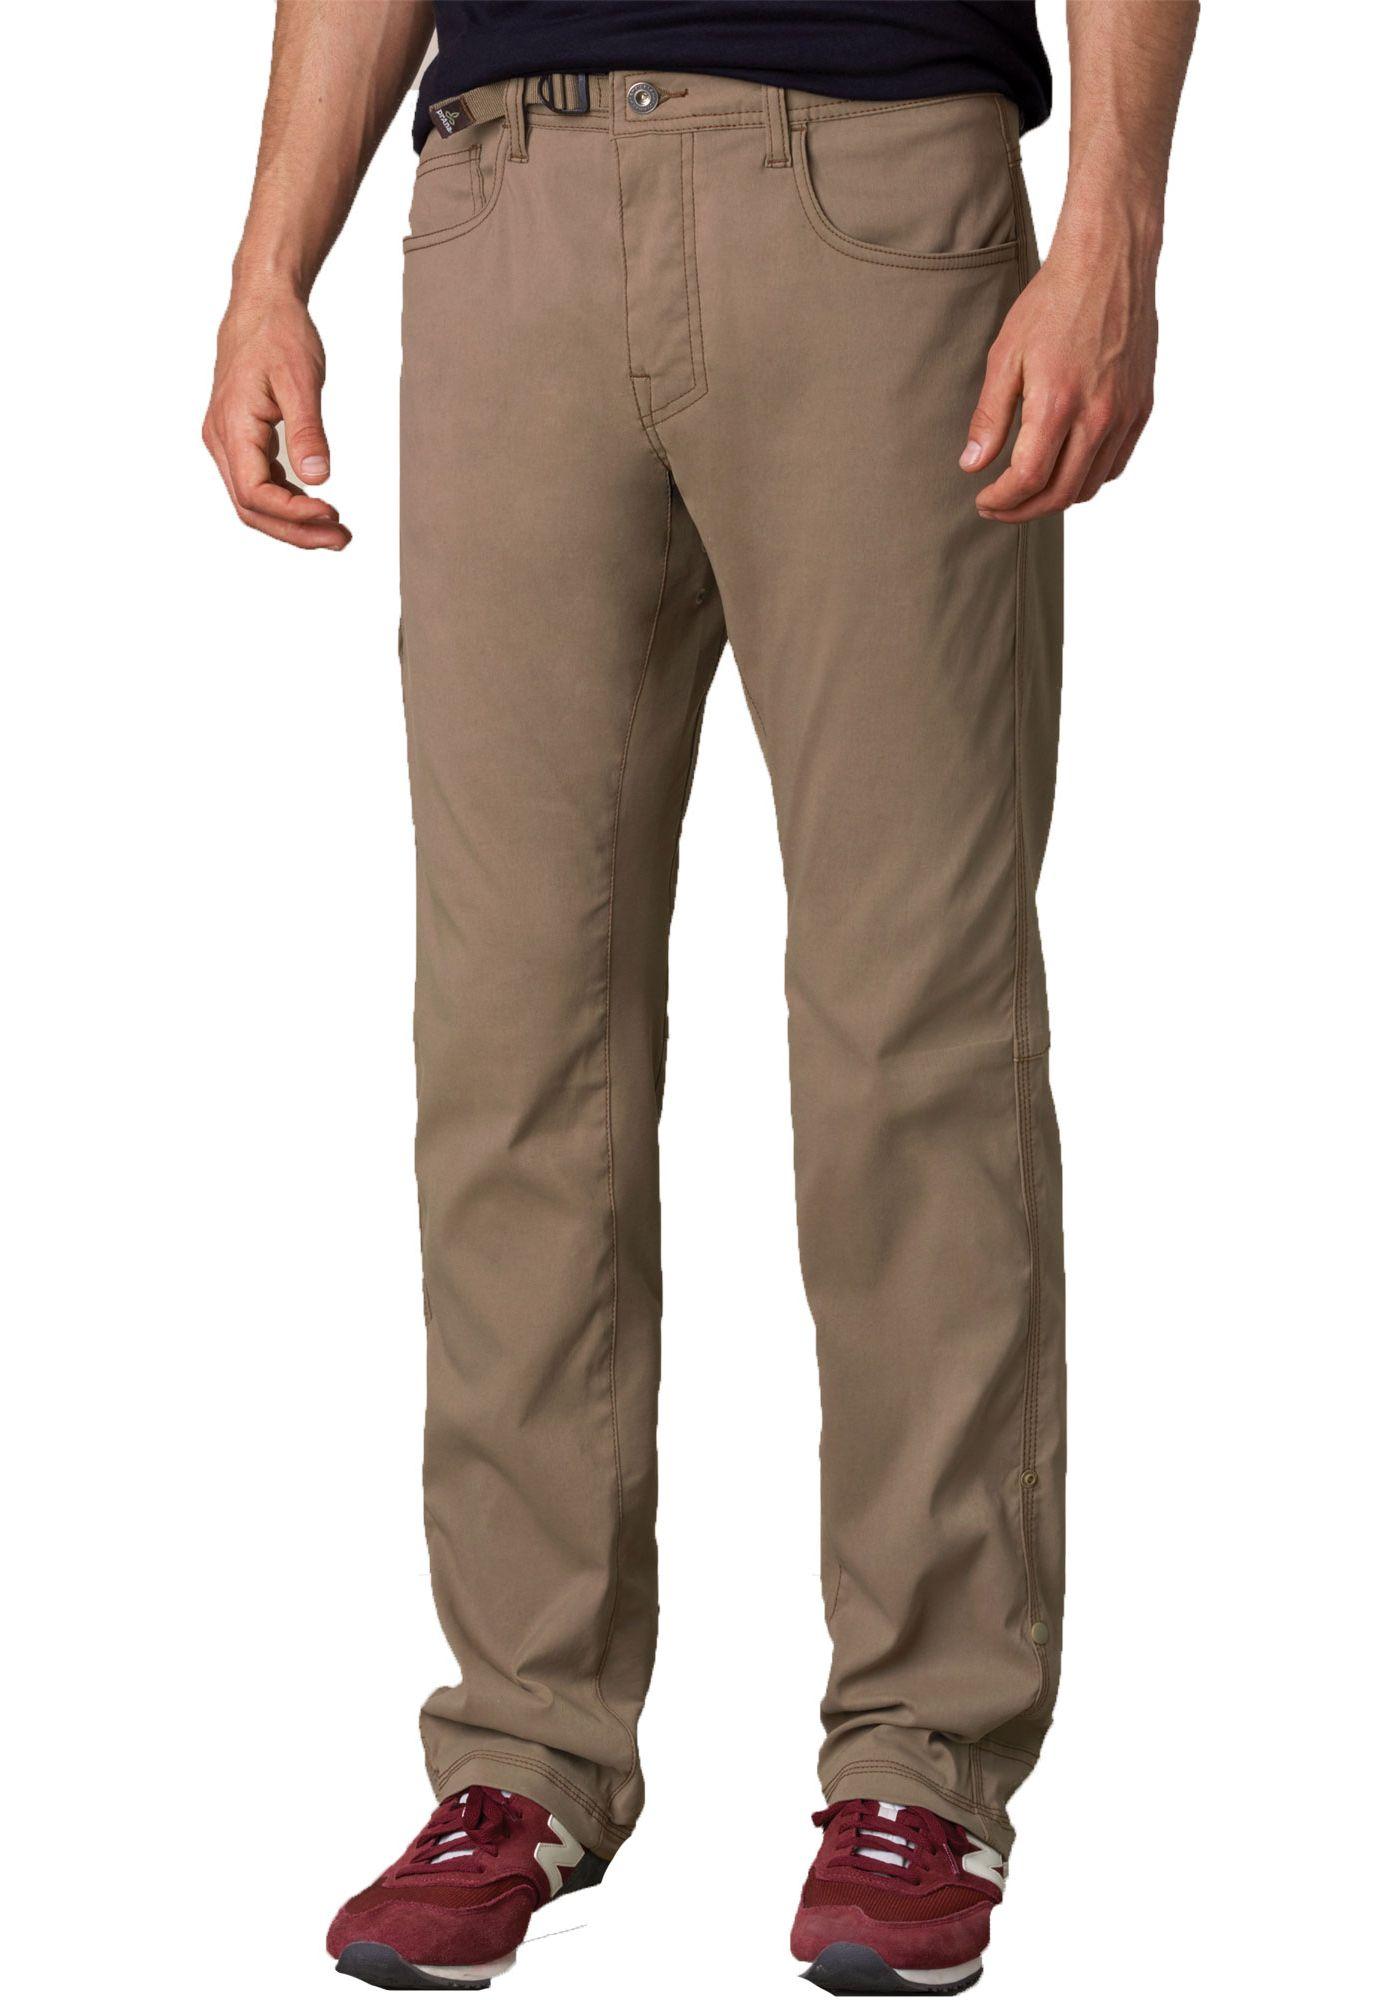 prAna Men's Zioneer Pants